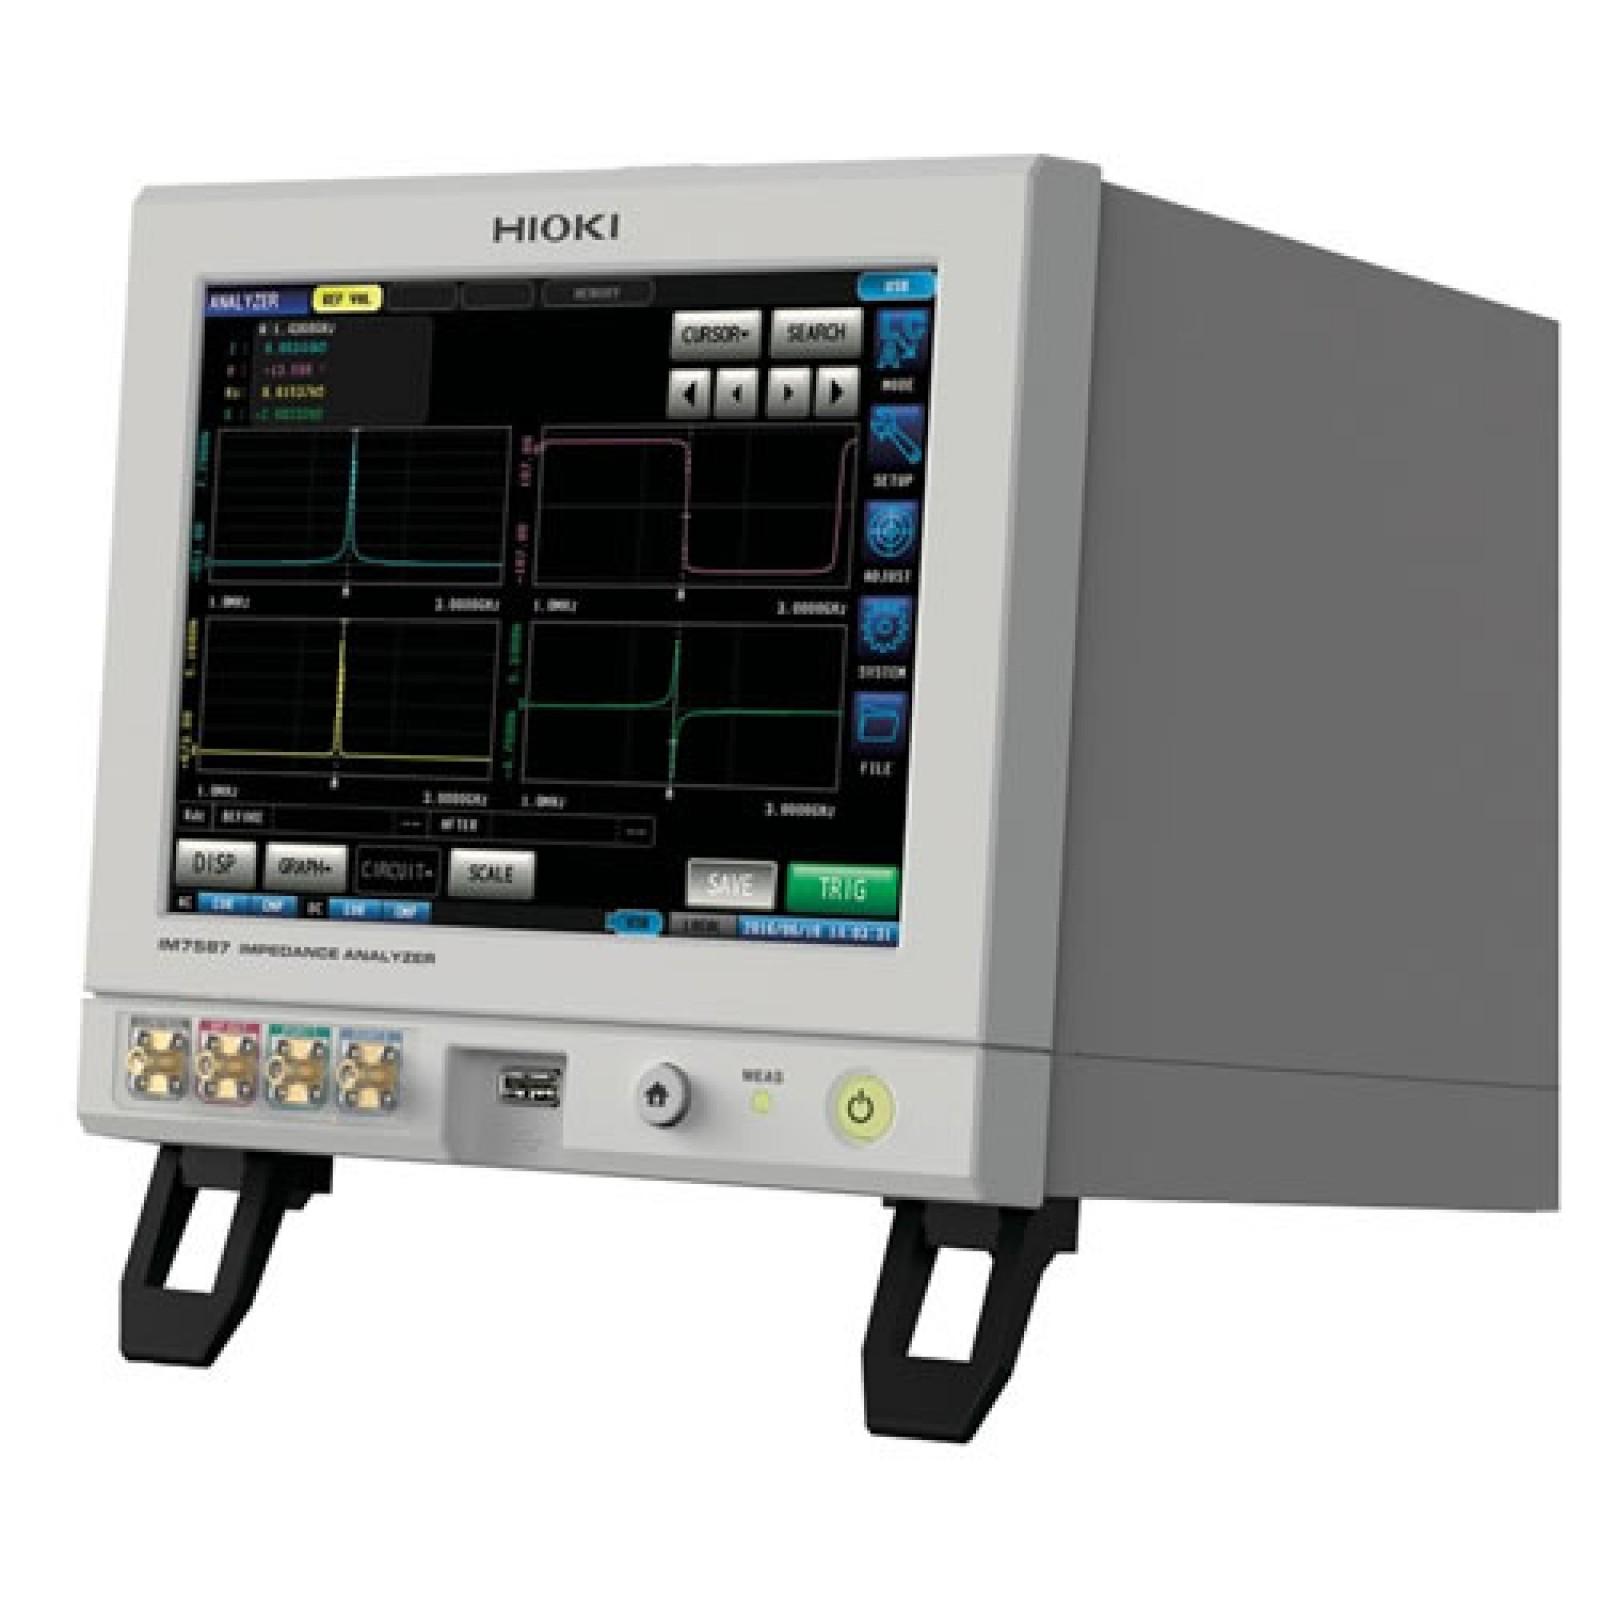 Hioki Digital Ir4056 20 M Ohm Hitester Cek Harga Terkini Dan Earth Hi Tester 3151 Jual